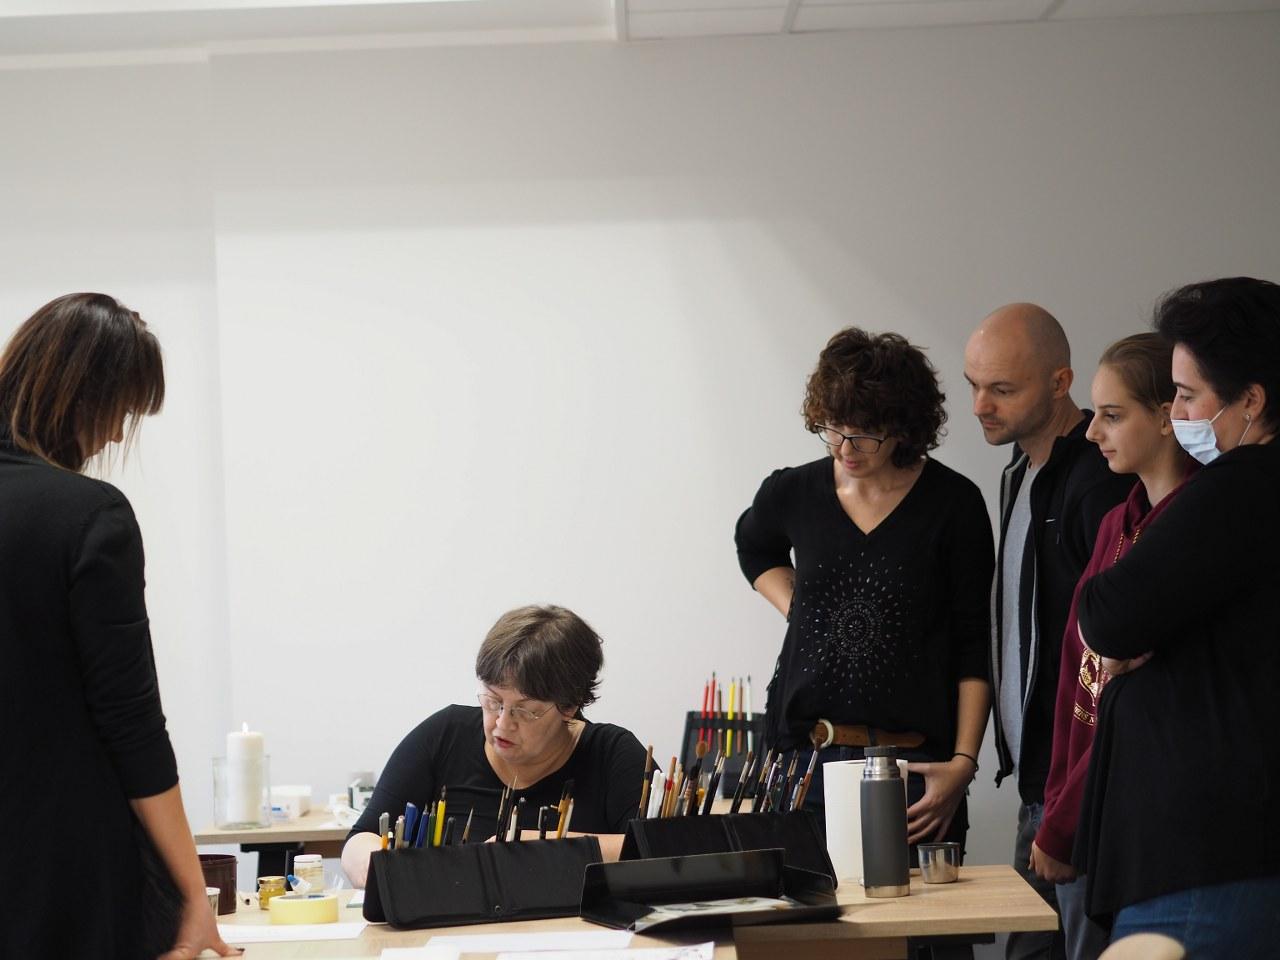 Na zdjęciu widzimy na środku siedzącą kobietę, pokazującą jak używać stalówki. A wokół niej stoją kobiety i mężczyźni.